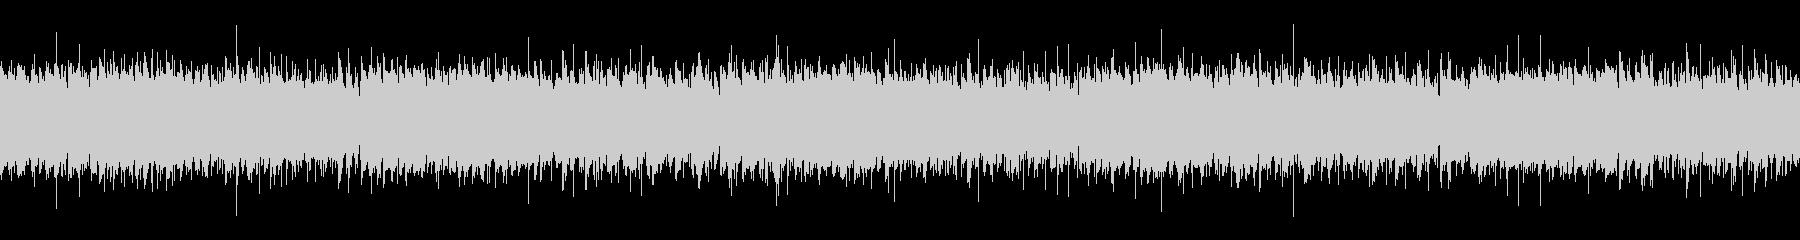 アコースティックギターのアルペジオの未再生の波形